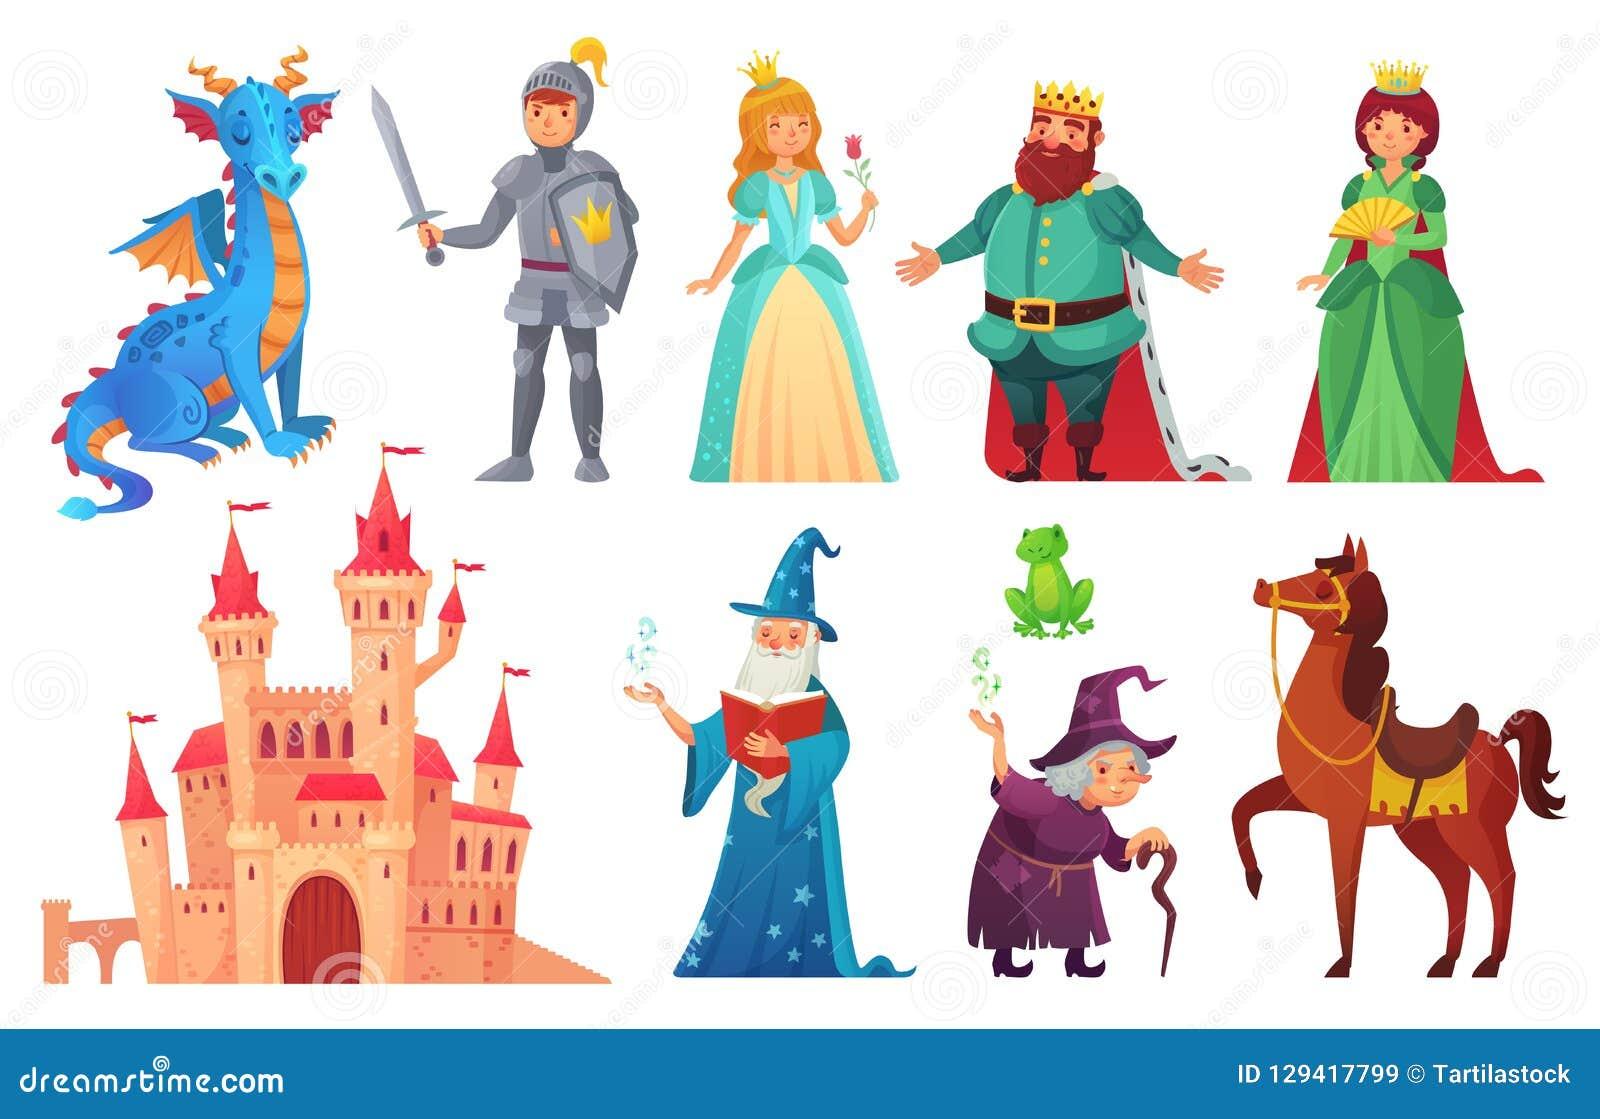 märchencharaktere fantasieritter und drache prinz und